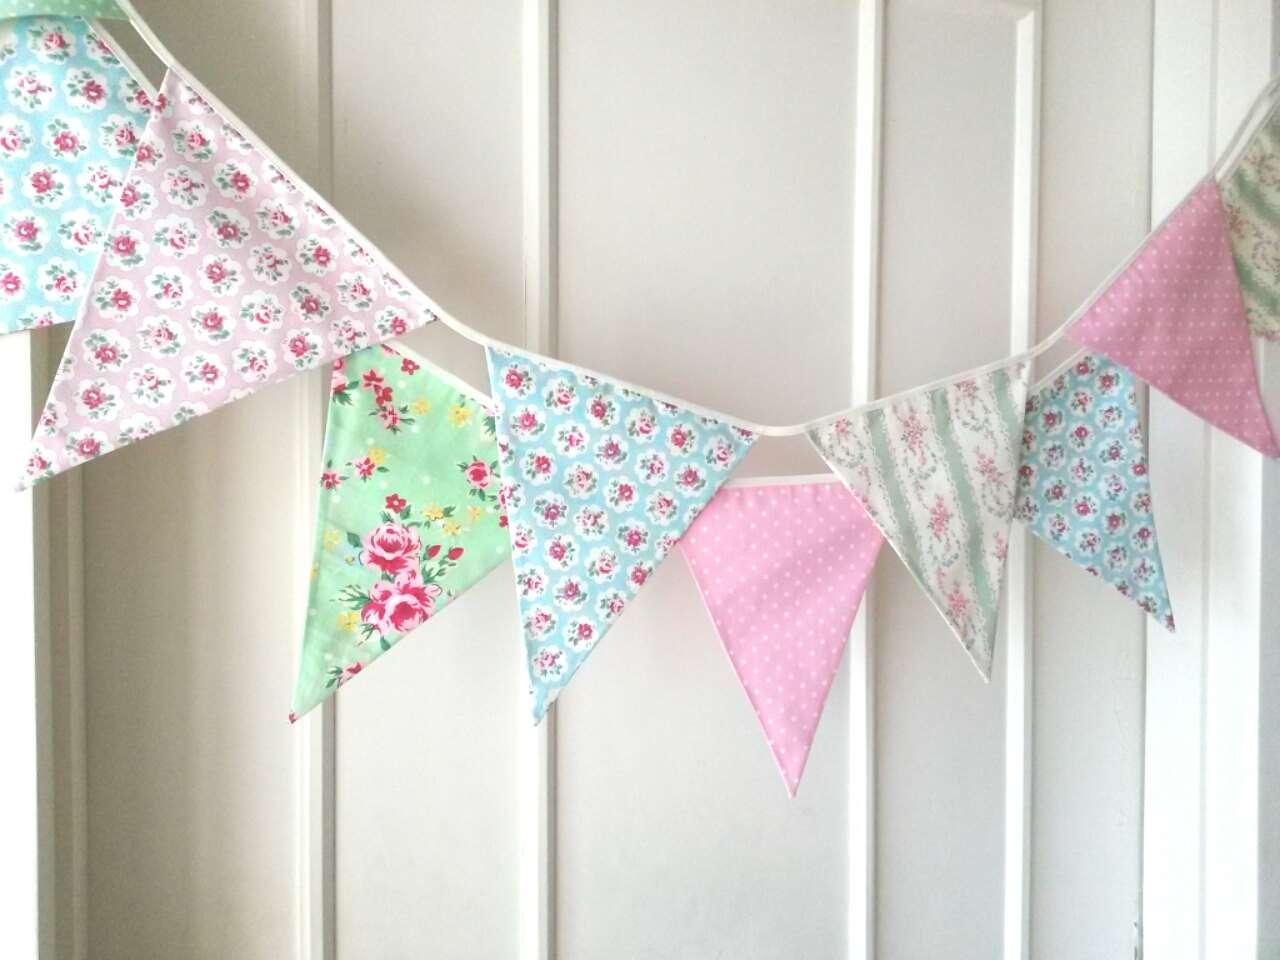 Shabby Chic Bunting Wedding Fabric Banner Garland Berryalamode